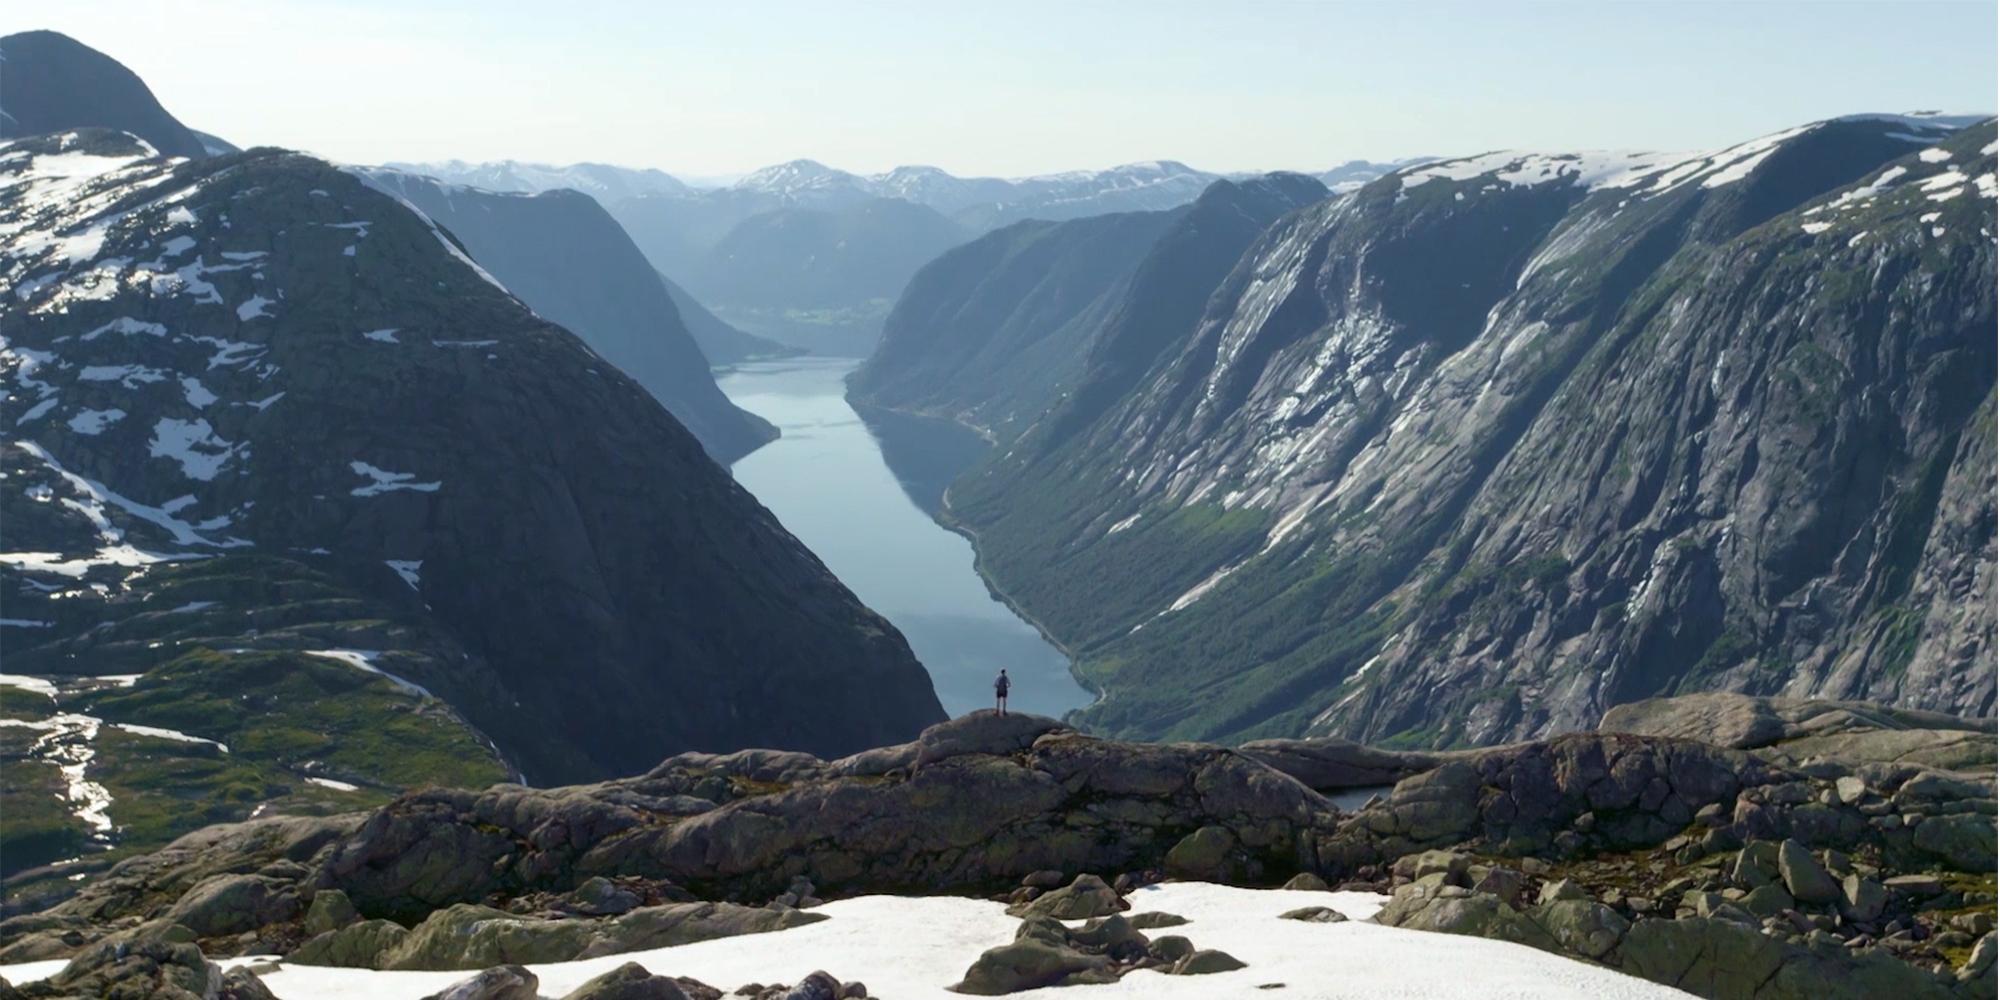 درباره ی کشور نروژ